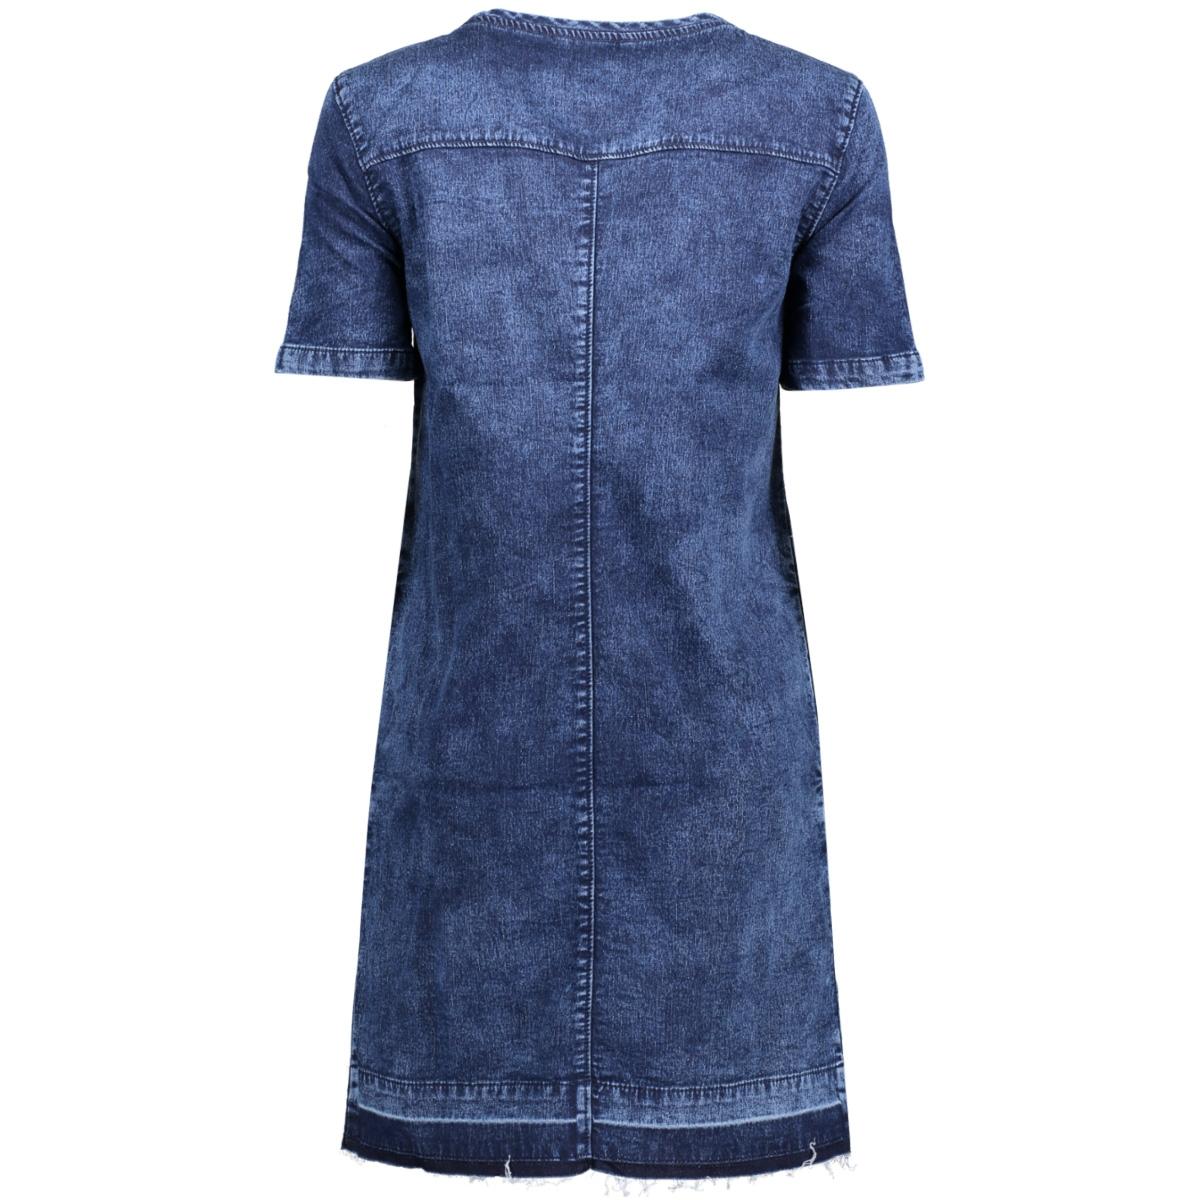 onljody ss jogg dnm dress qyt 15138836 only jurk dark blue denim